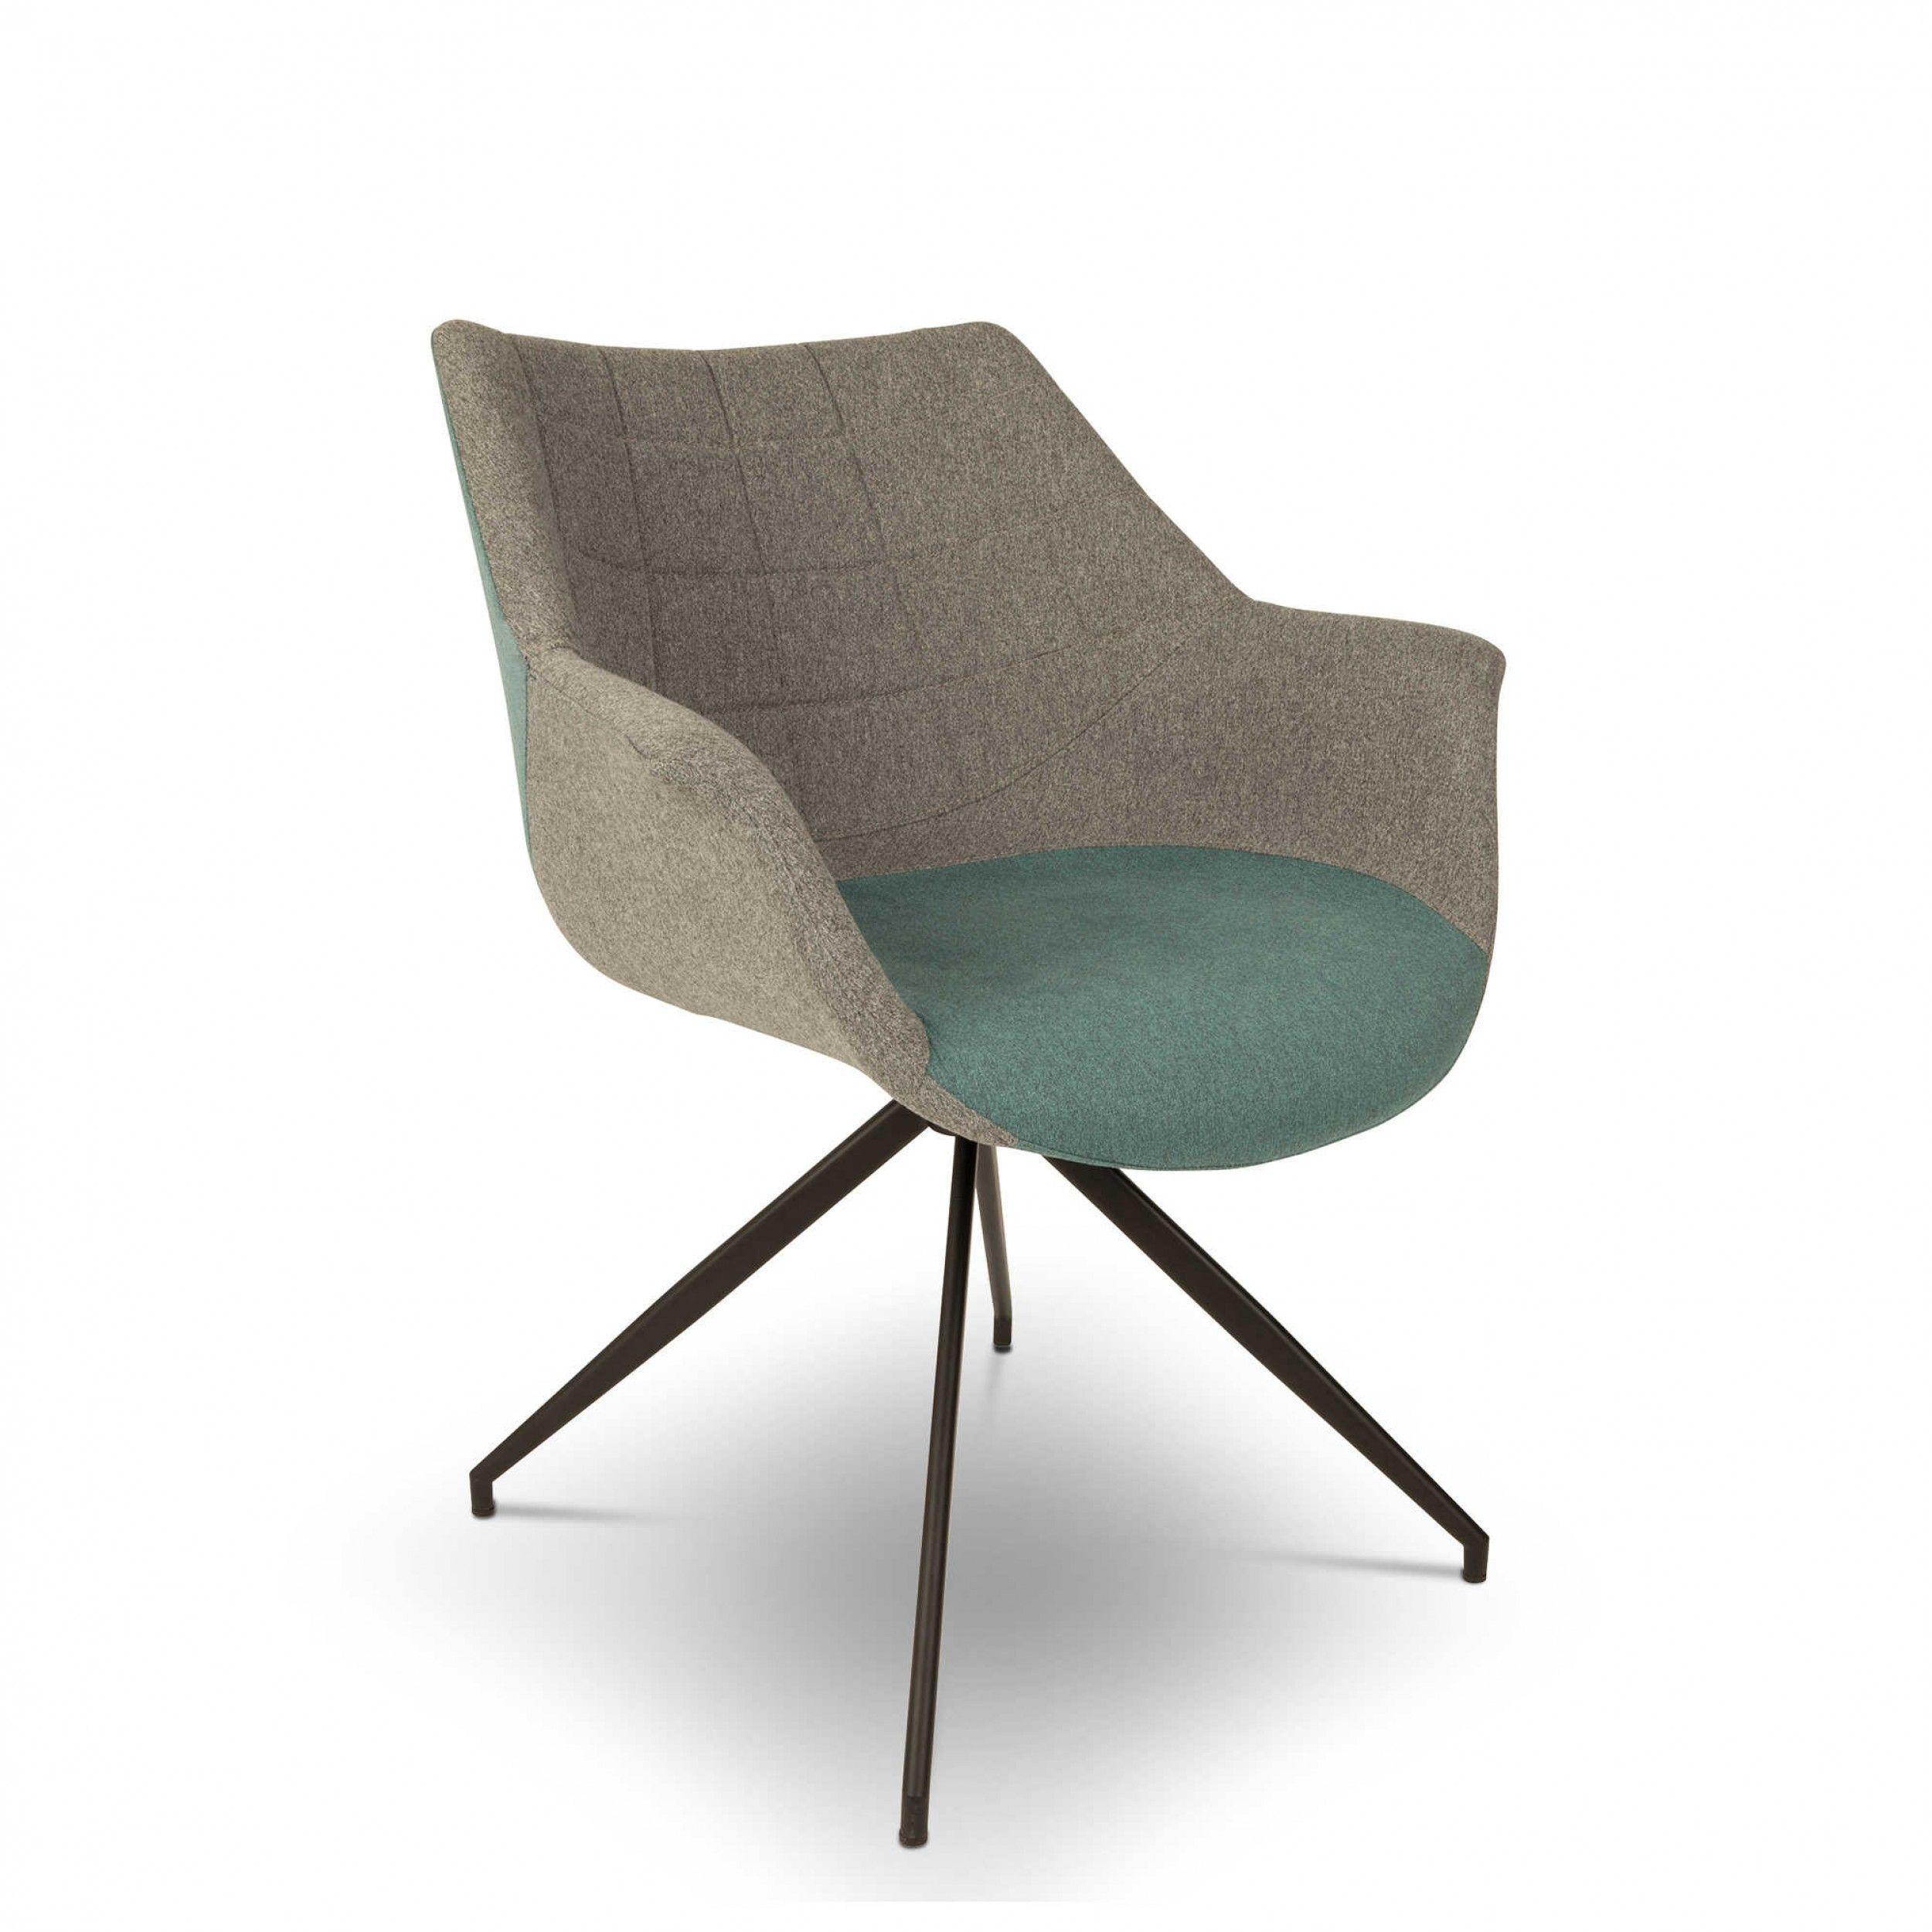 zuiver stuhl doulton, blau - 4 fuß stühle - stühle & freischwinger, Wohnzimmer dekoo